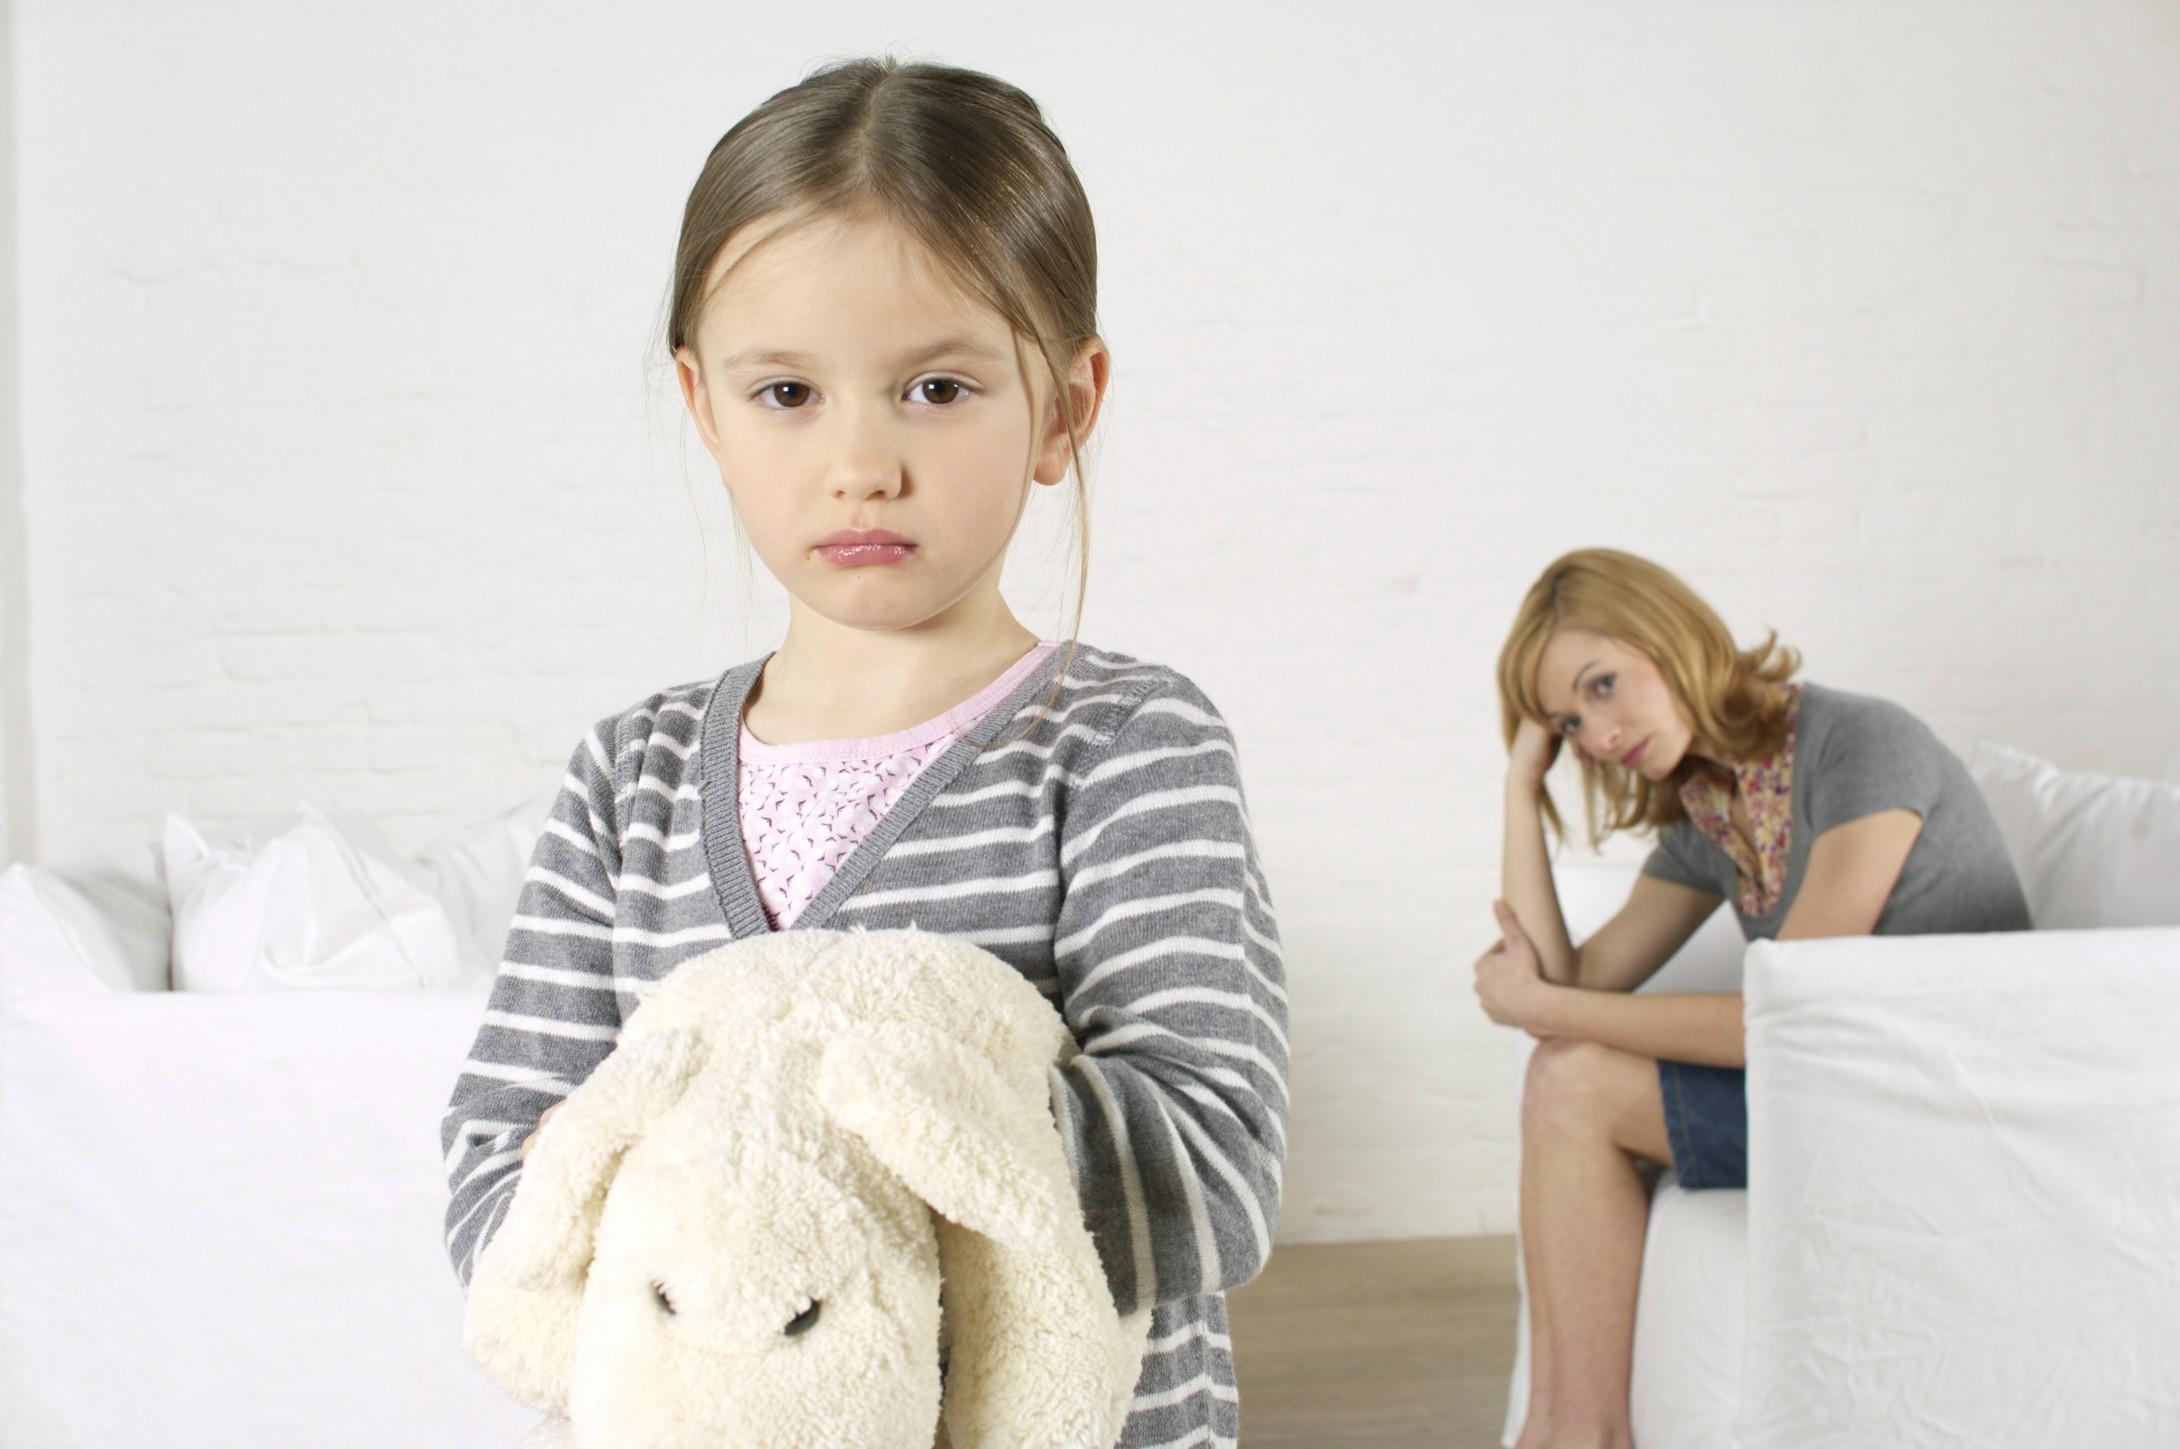 Как сделать так, чтоб у ребенка вернулось желание учиться?